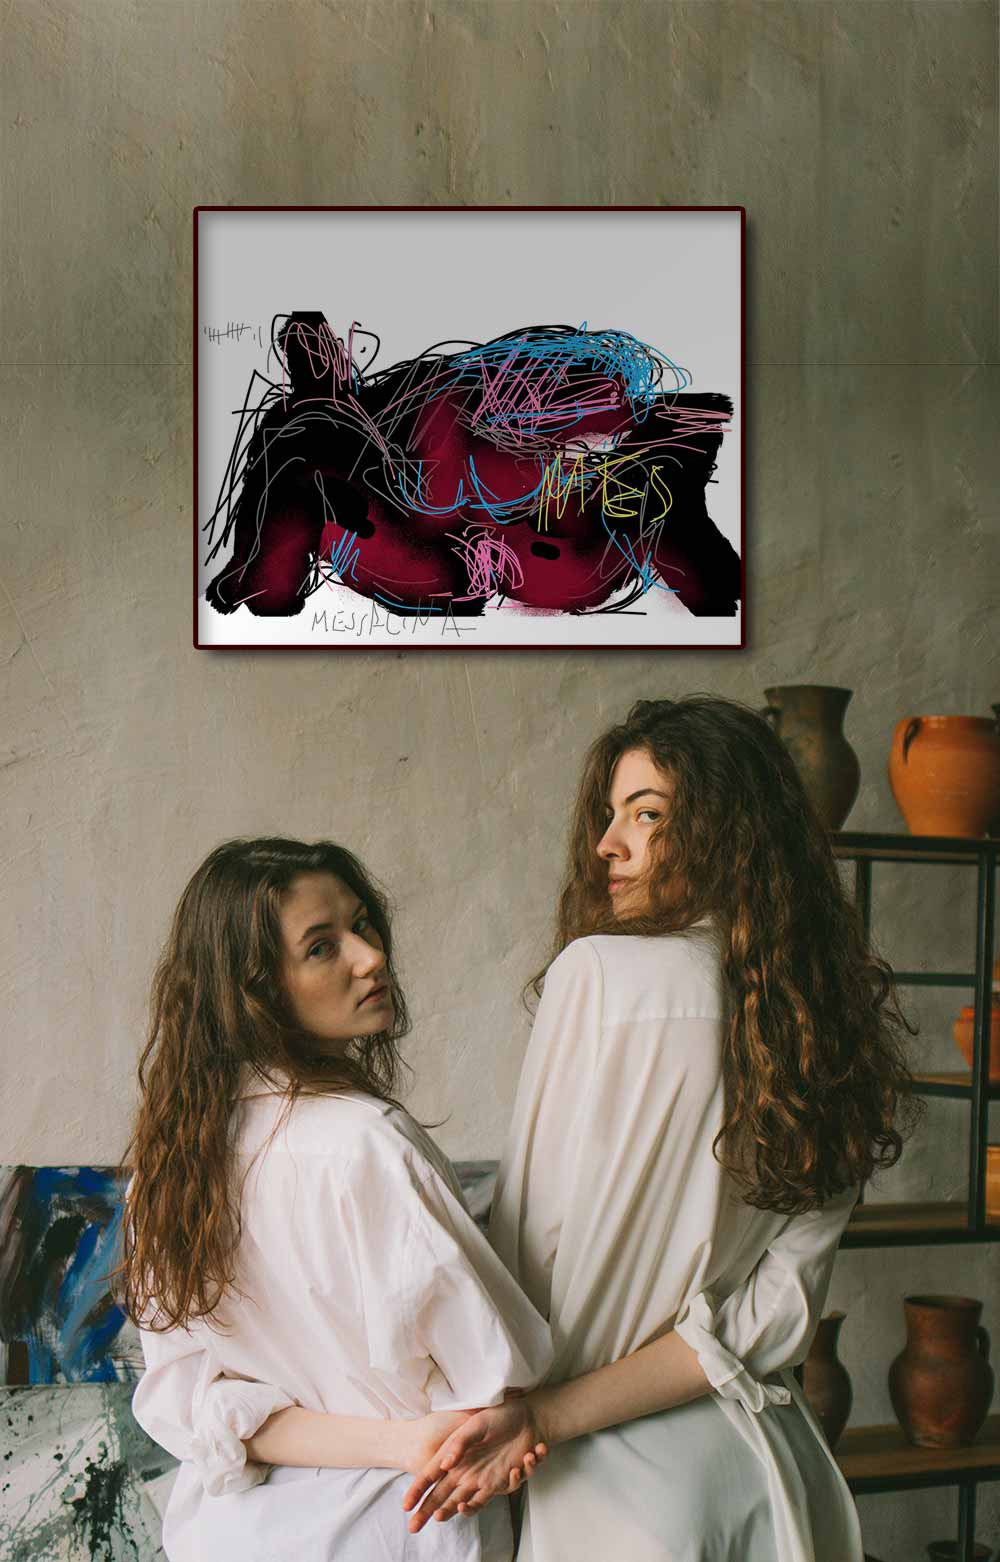 mongi-higggs-messalina-edition-70mal100cm-giclee-print-artist-kuenstler-konsum163-modern-art-gallery-roomed